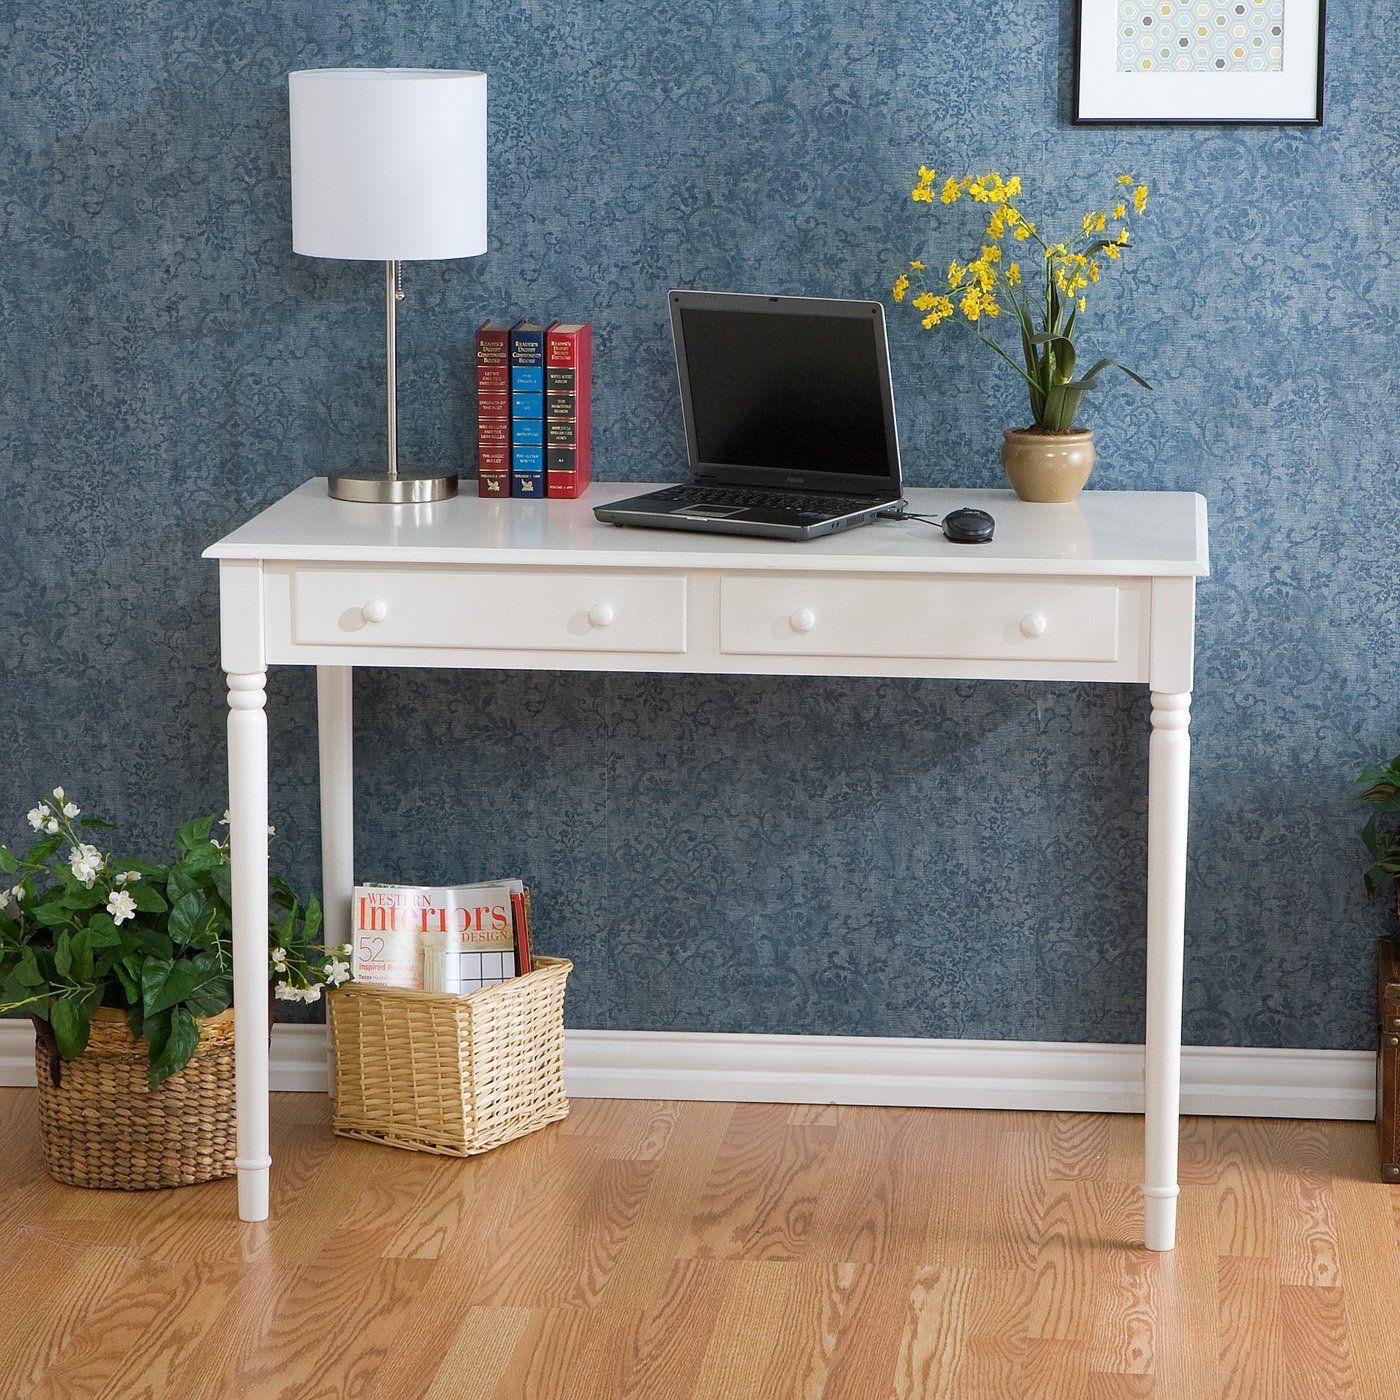 Bedroomappealing Ikea Chair Office Furniture Legs ...